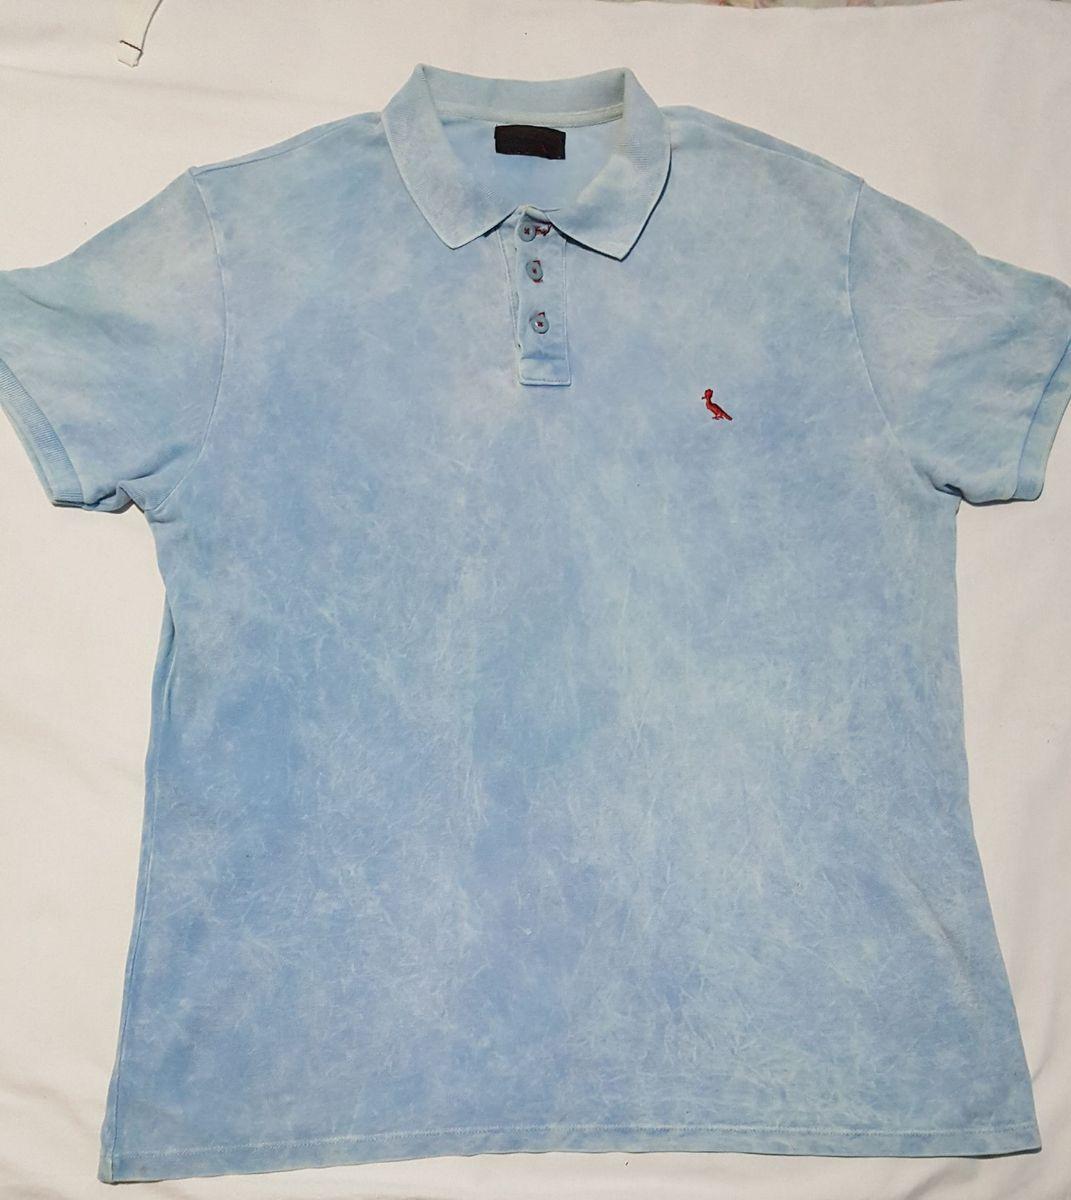 camisa polo rsv azul marinho g - camisas outras